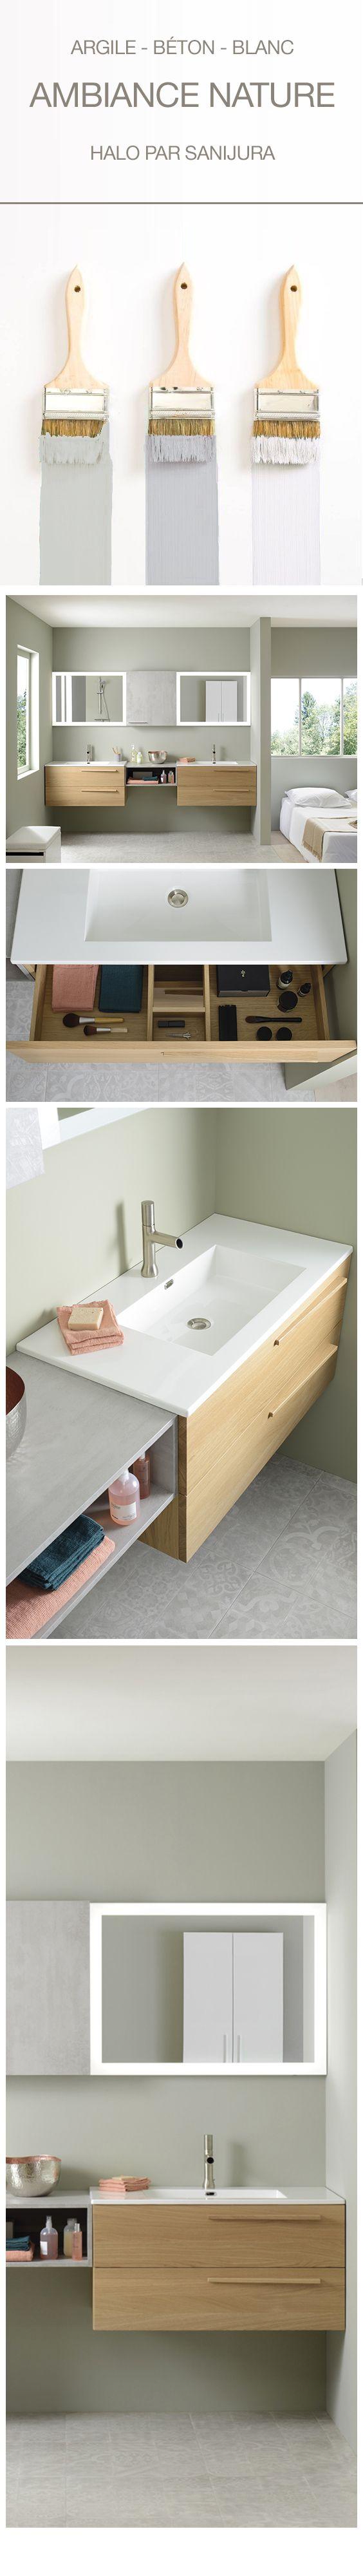 Choisissez des couleurs Nature pour décorer votre salle de bain. Argile, lin, blanc, gris, rose pâle, des teintes douces à associer avec un meuble en chêne naturel pour une ambiance zen et tendance. Les + déco : les miroirs avec bandeau LED pour apporter une lumière douce et diffuse, le tiroir avec modules de rangement pour que chaque accessoire retrouve facilement sa place. - halo de Sanijura